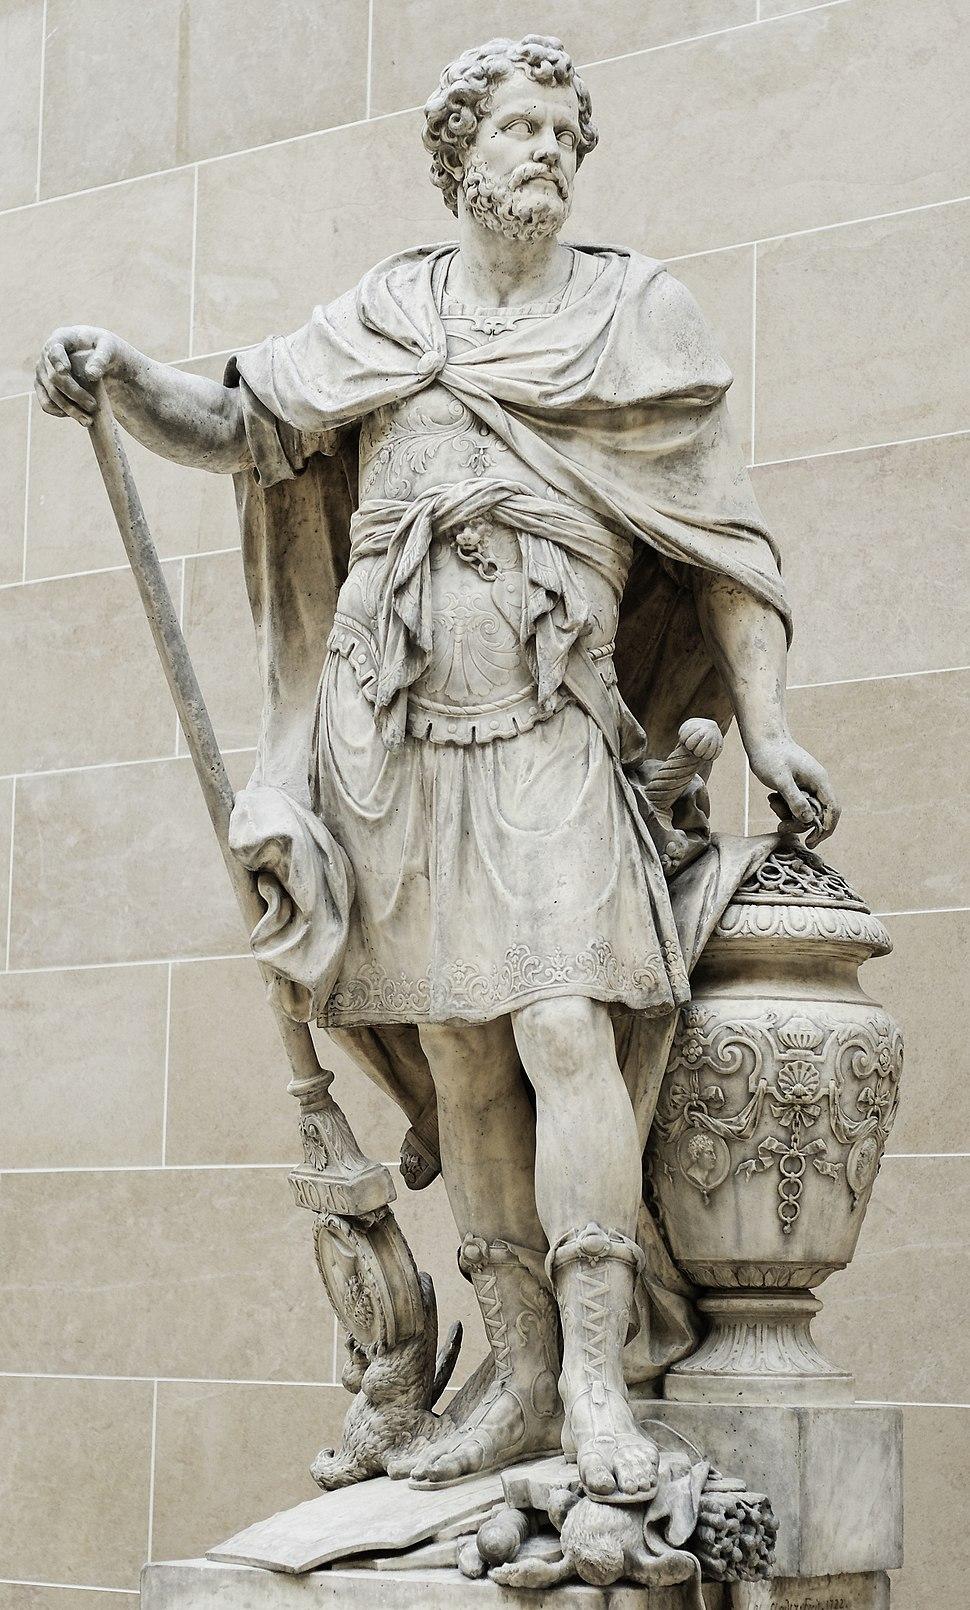 Hannibal Slodtz Louvre MR2093